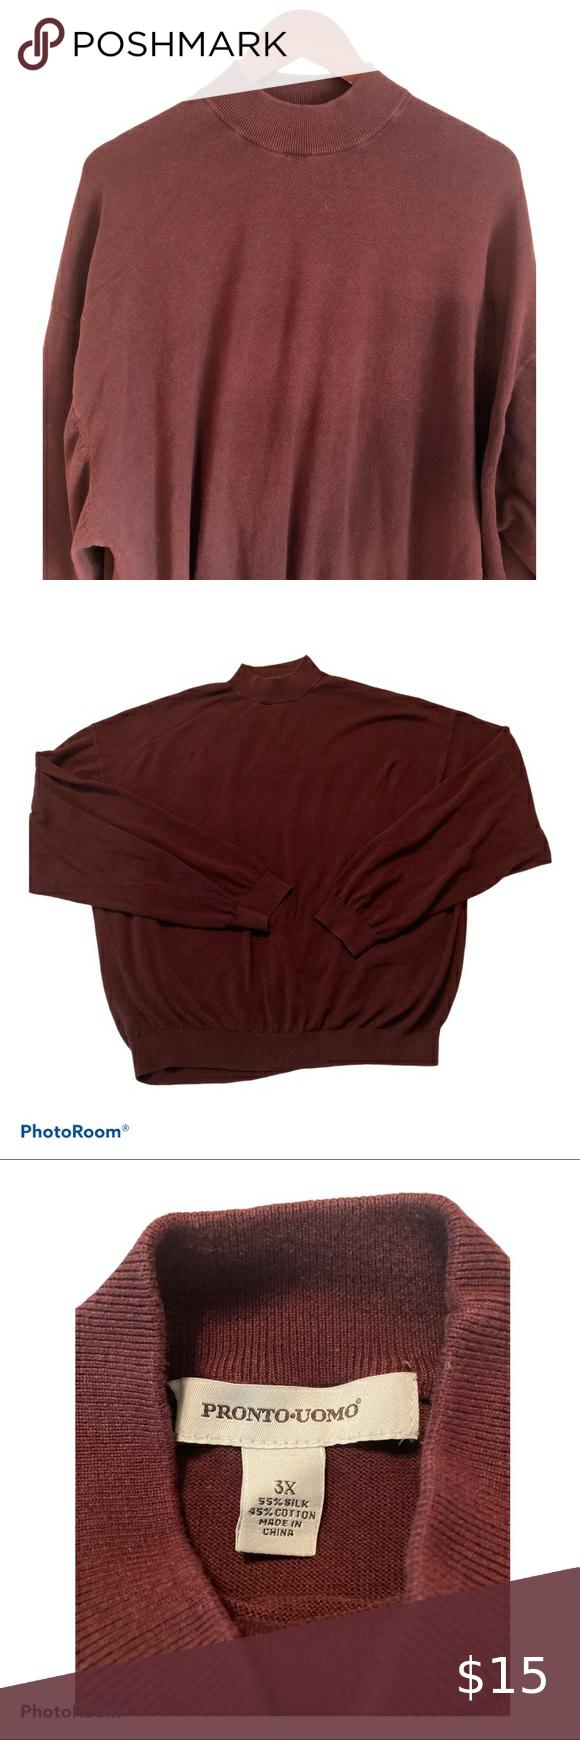 Vintage silk cotton maroon sweater